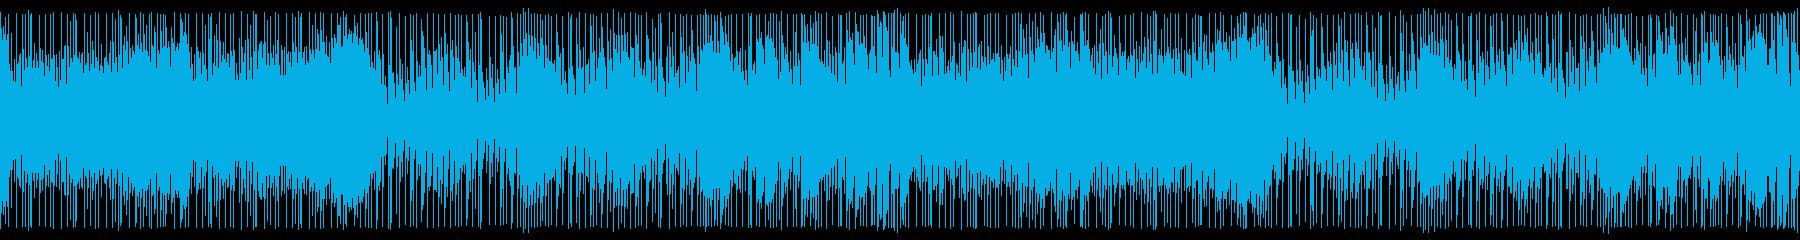 テクノポップ、シンセウェーブ:ループの再生済みの波形